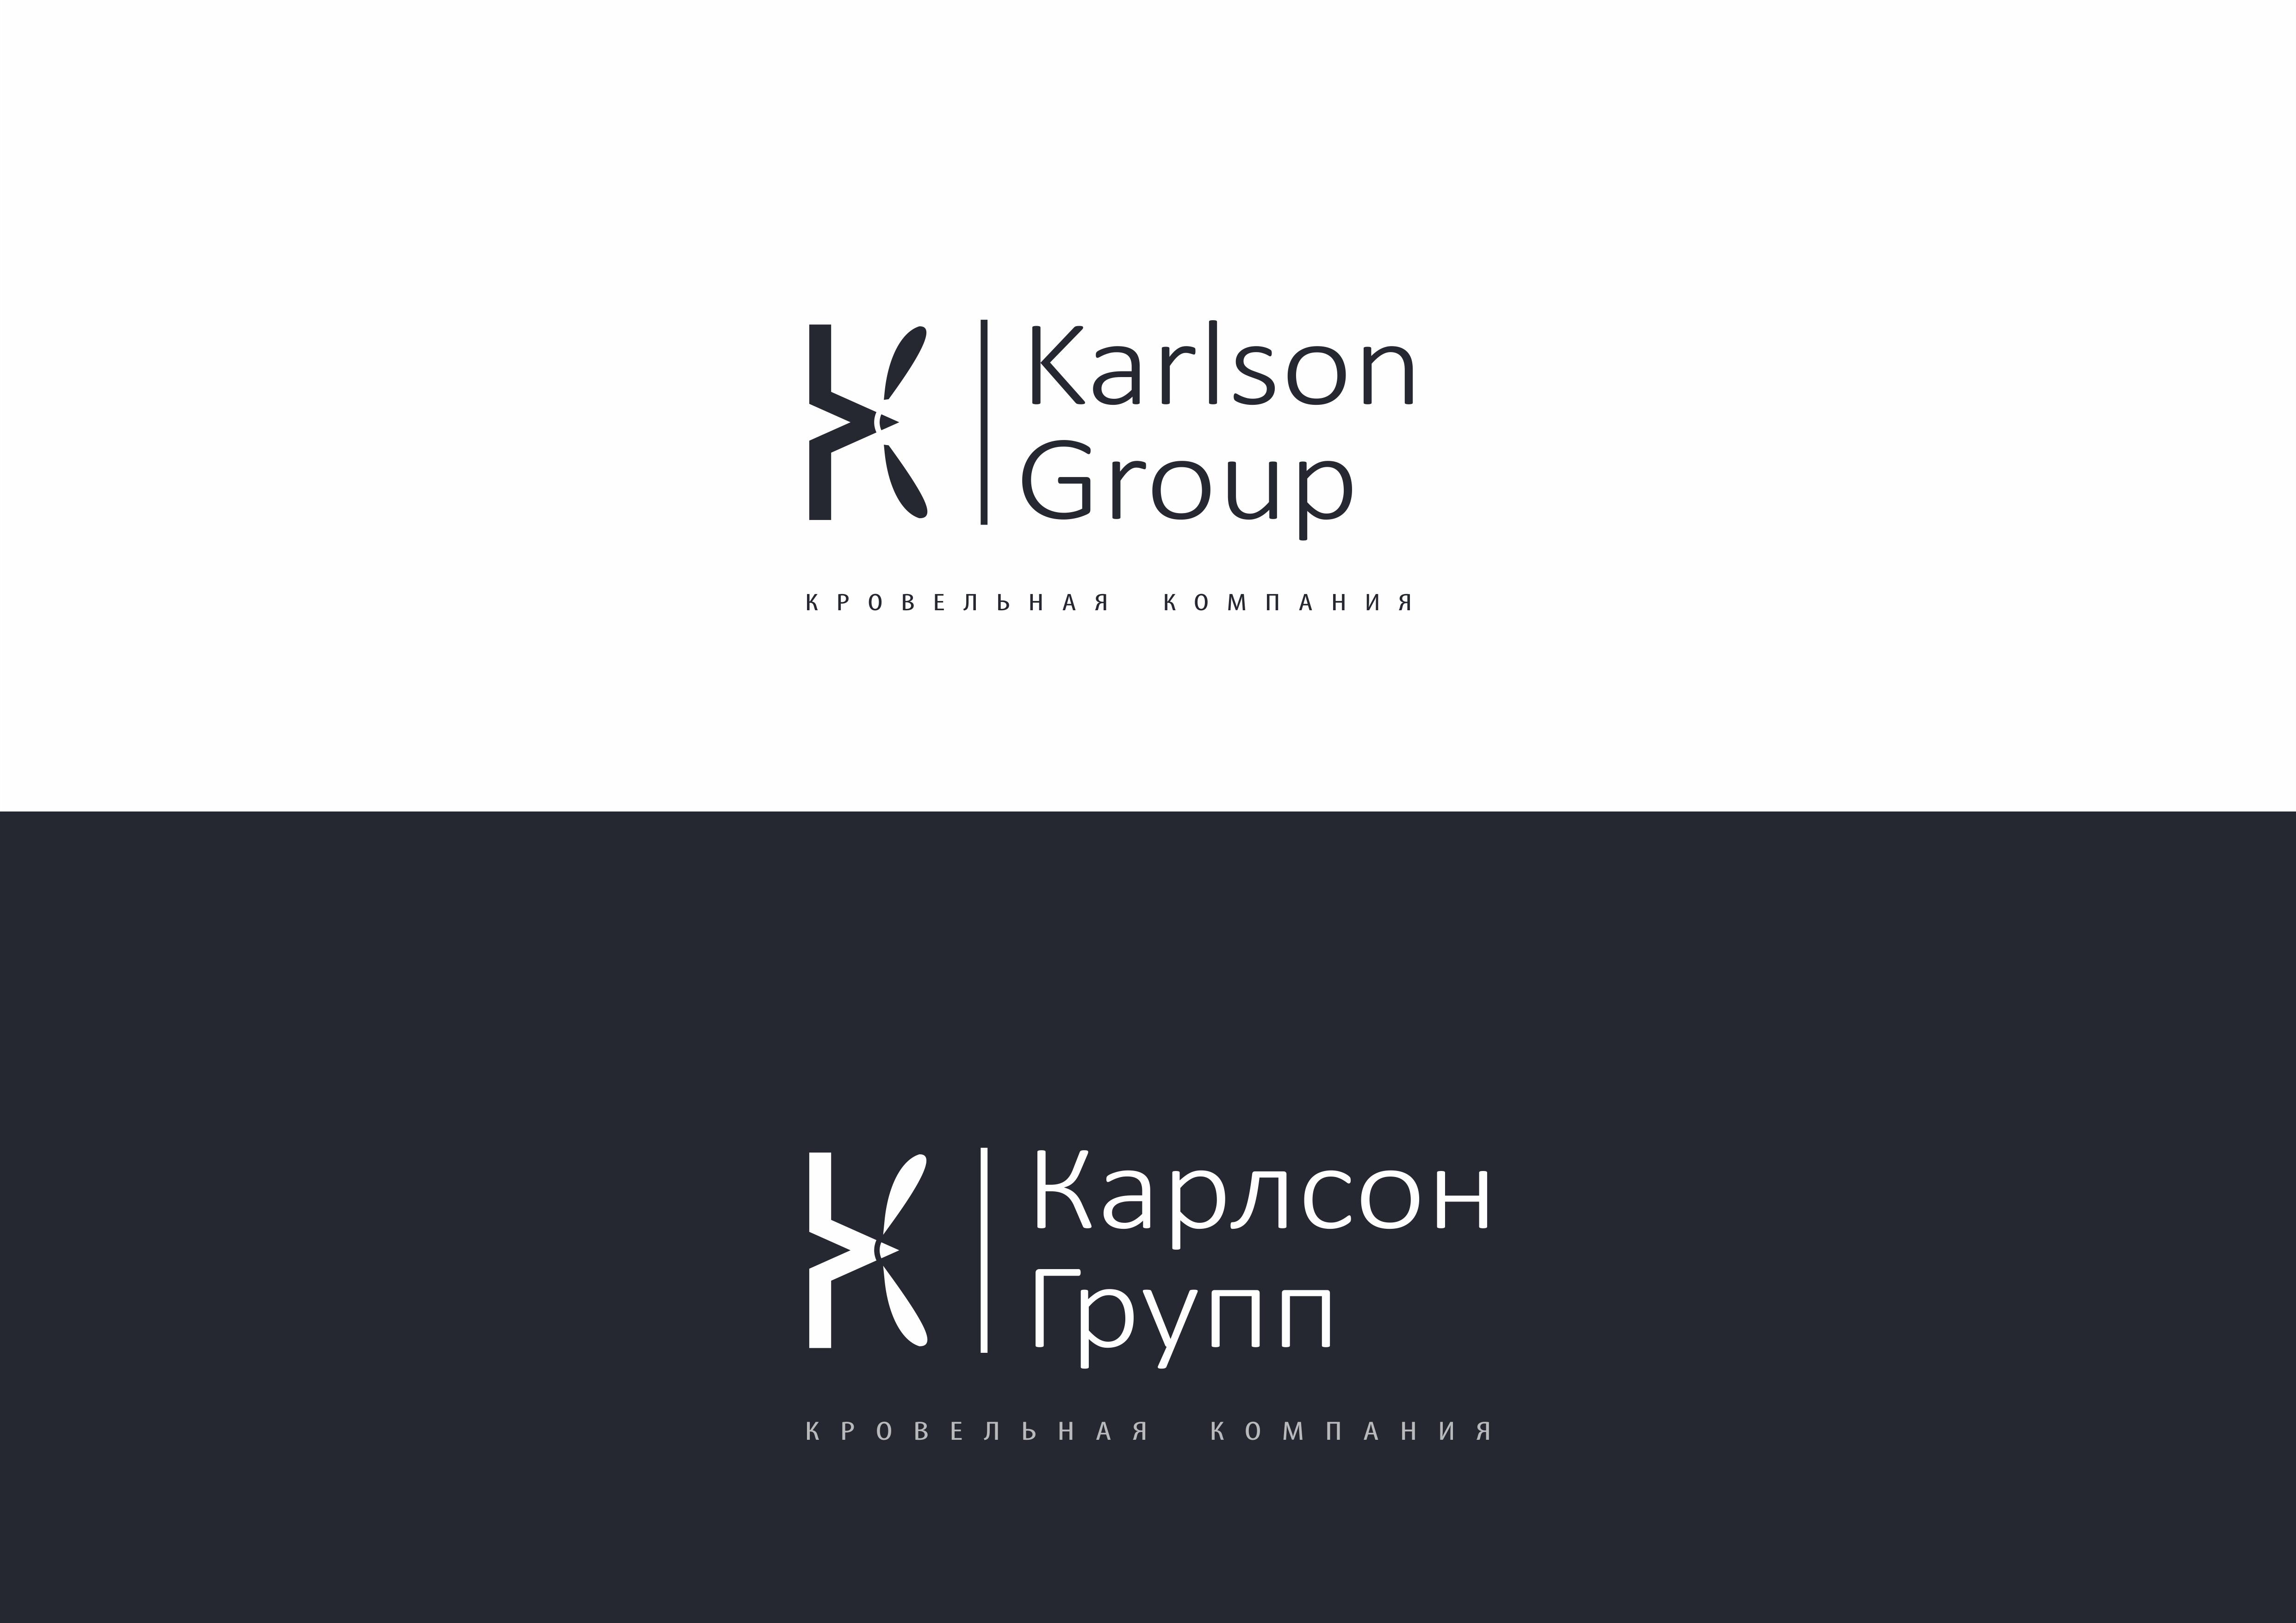 Придумать классный логотип фото f_2475991cc49e8d05.png